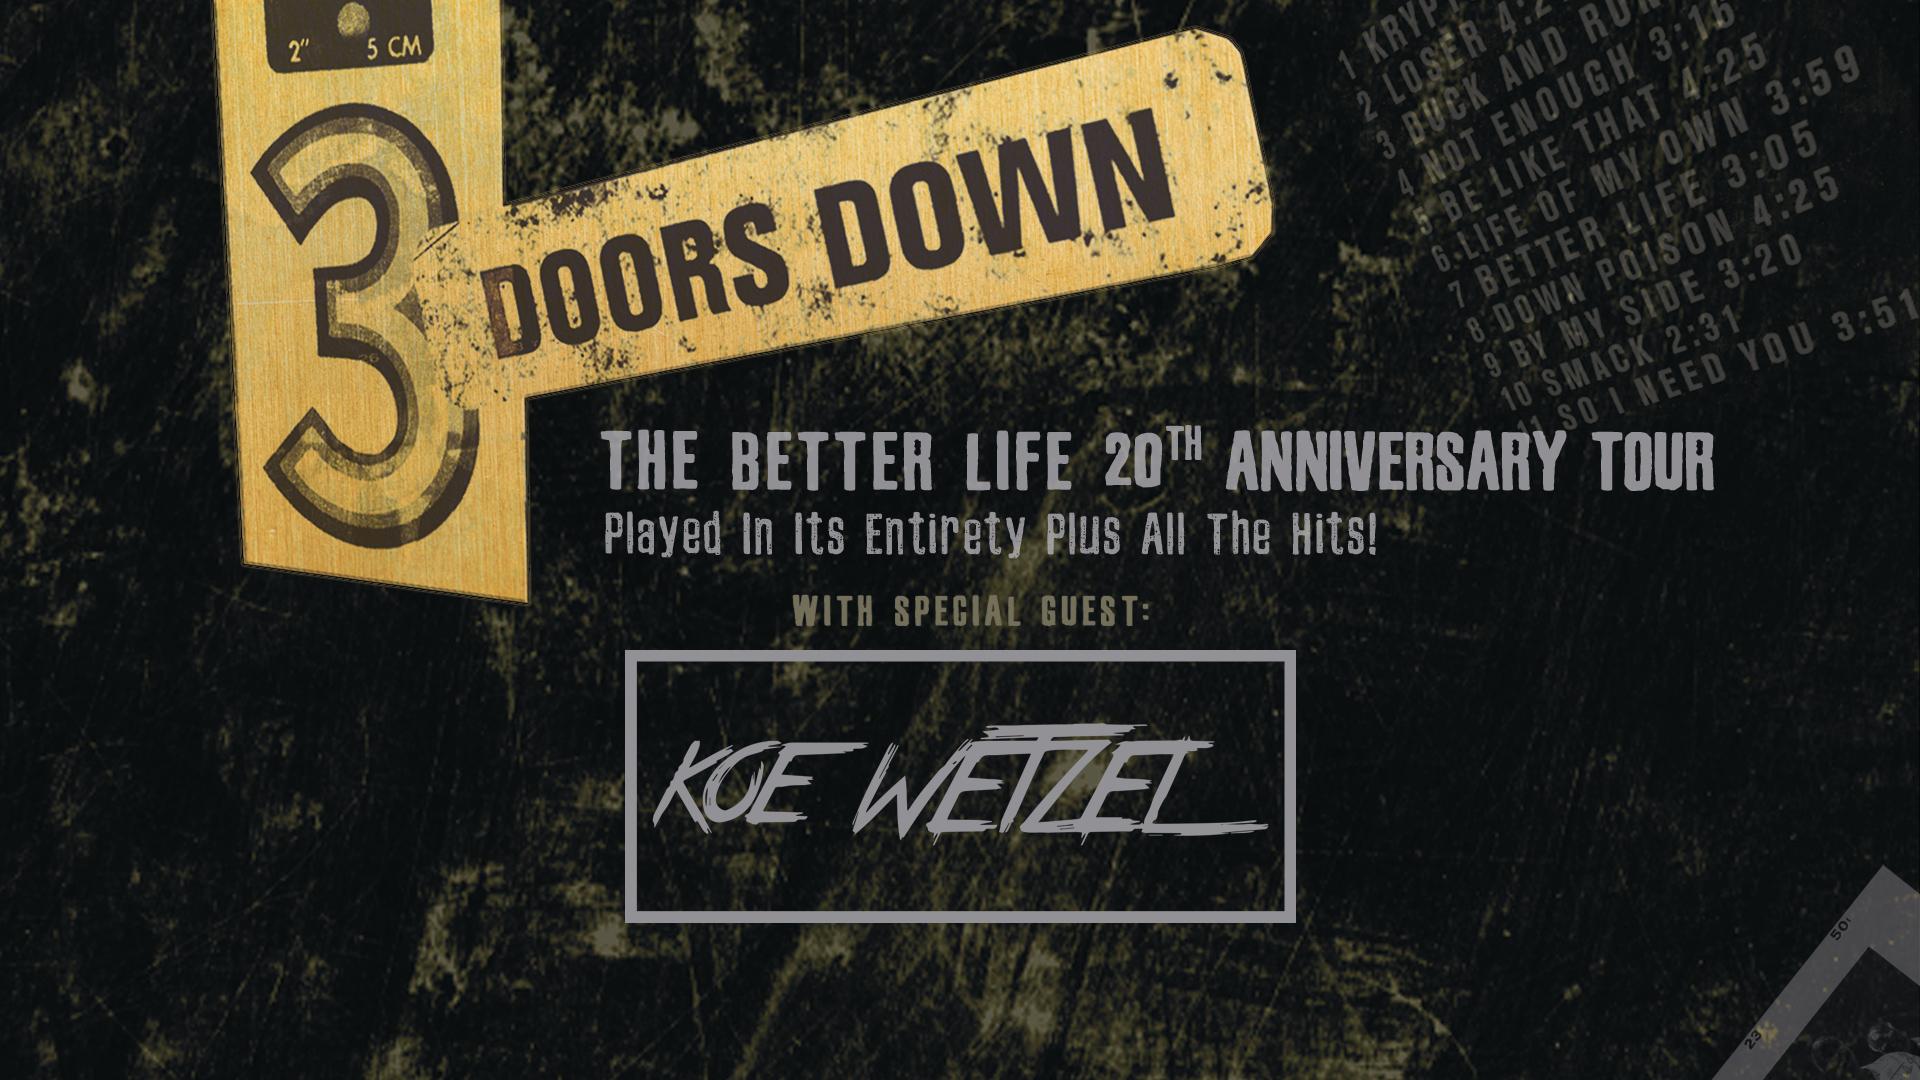 3-Door-Down-2021-Tour_1920x1080-KW